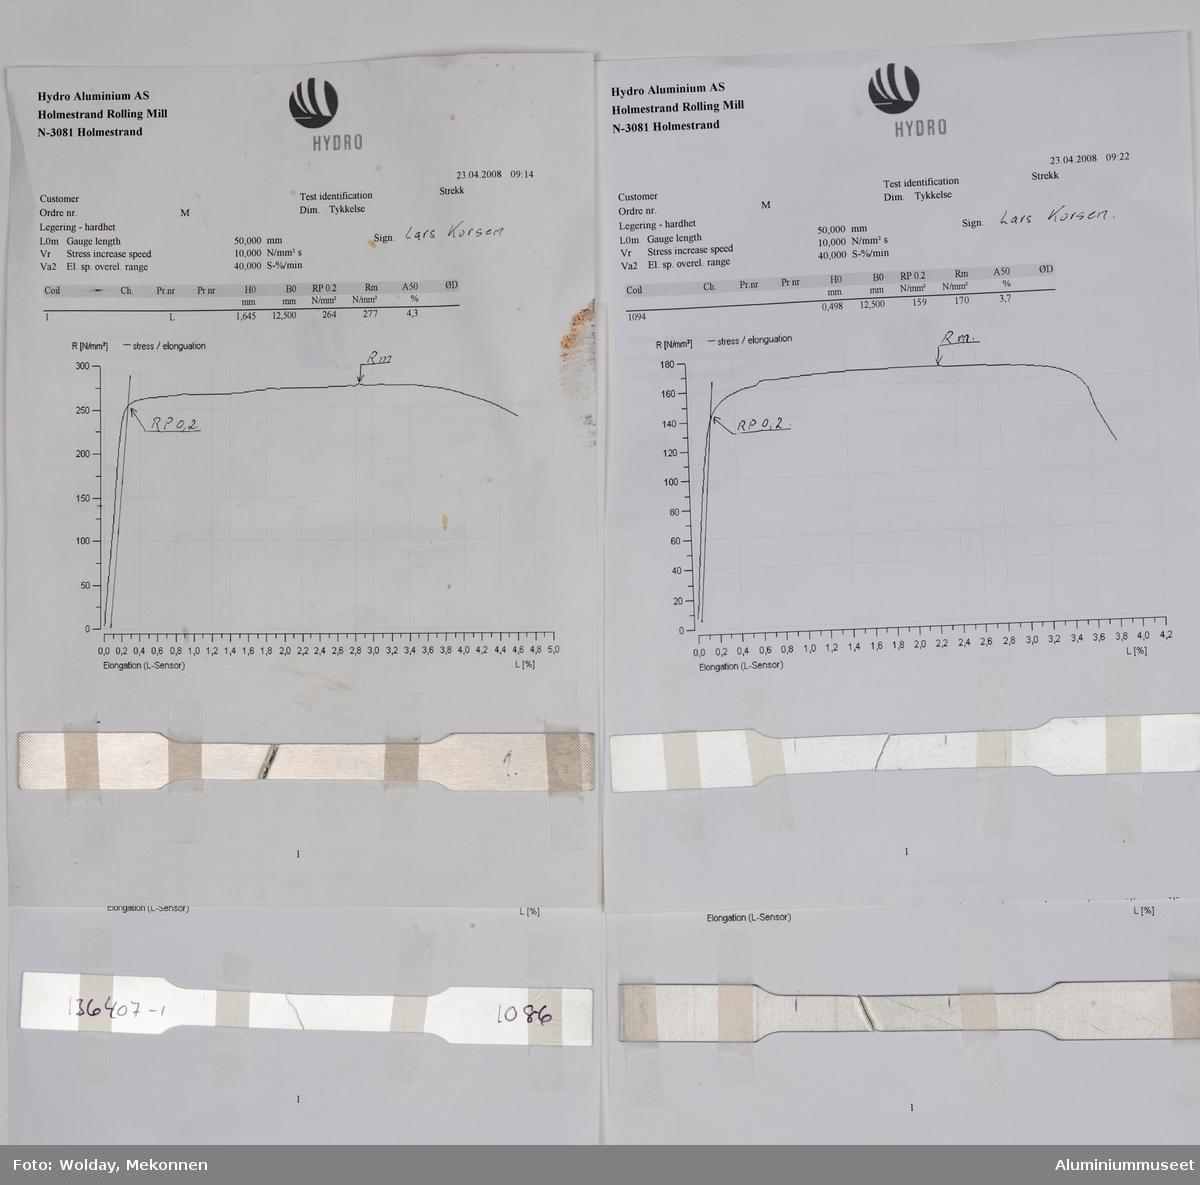 Ark med prøveresultat på aluminumlegering. Arket har påfestet en metallprøve. Arkene inneholder opplysninger fra testresultatene. Underskrevet av Lars Korsen